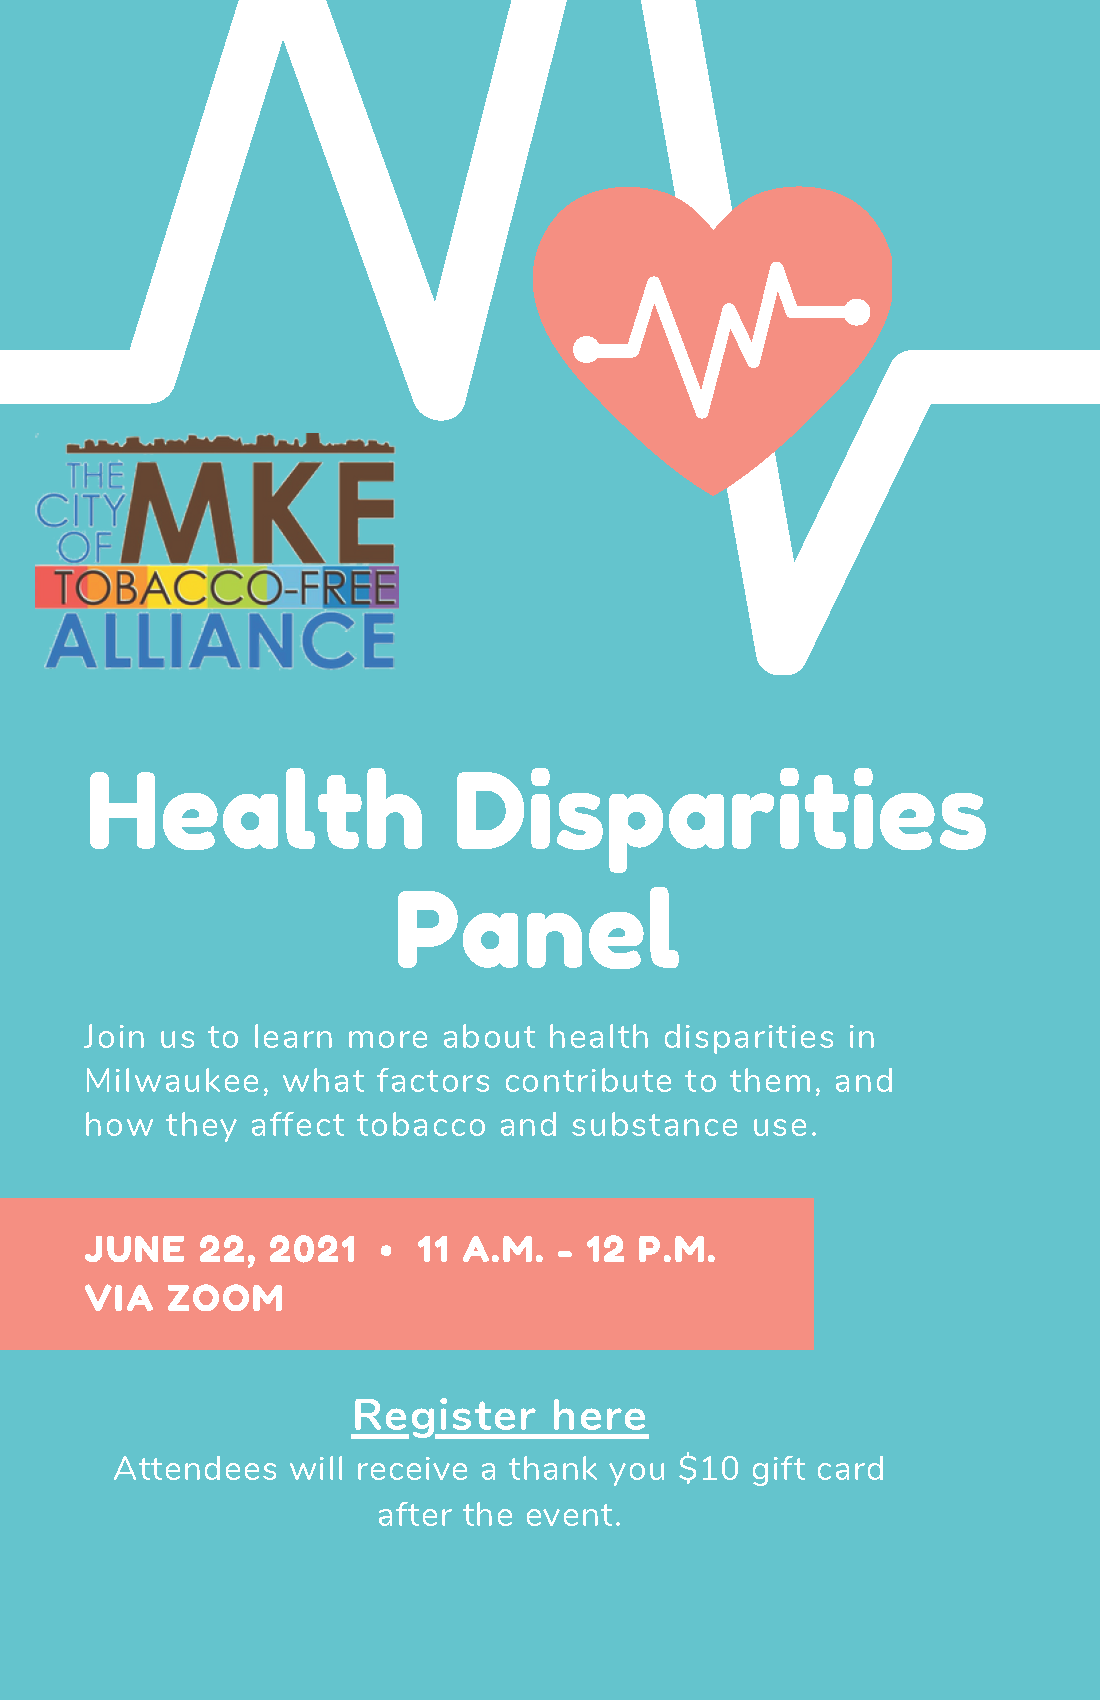 health disparities panel flyer